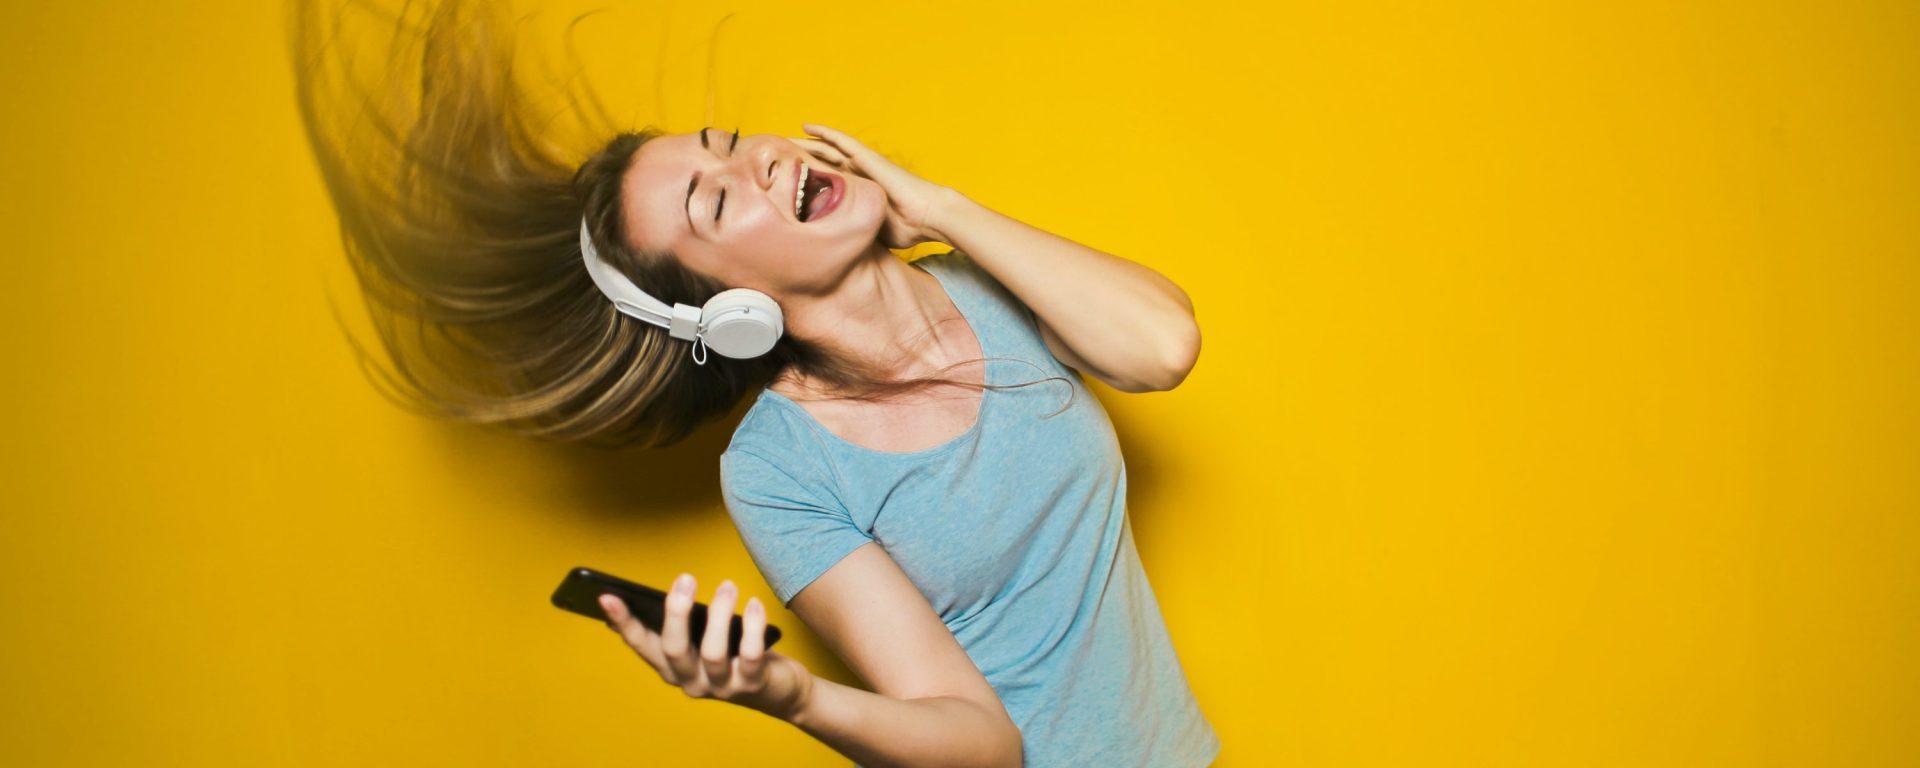 Dancing woman with headphones